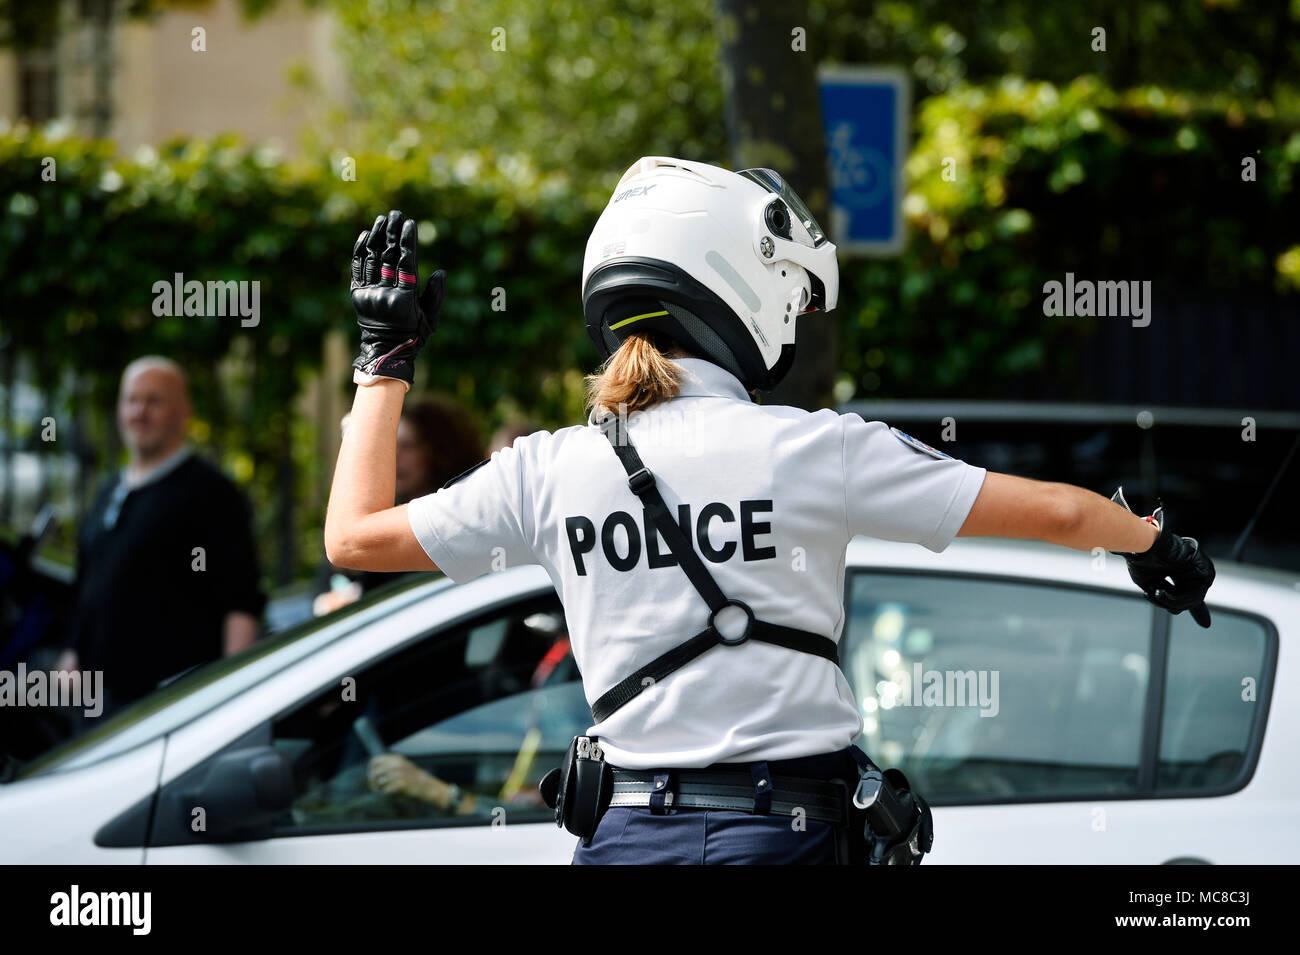 Polizistin - Polizei Verkehr - Straße - Paris - Frankreich Stockbild